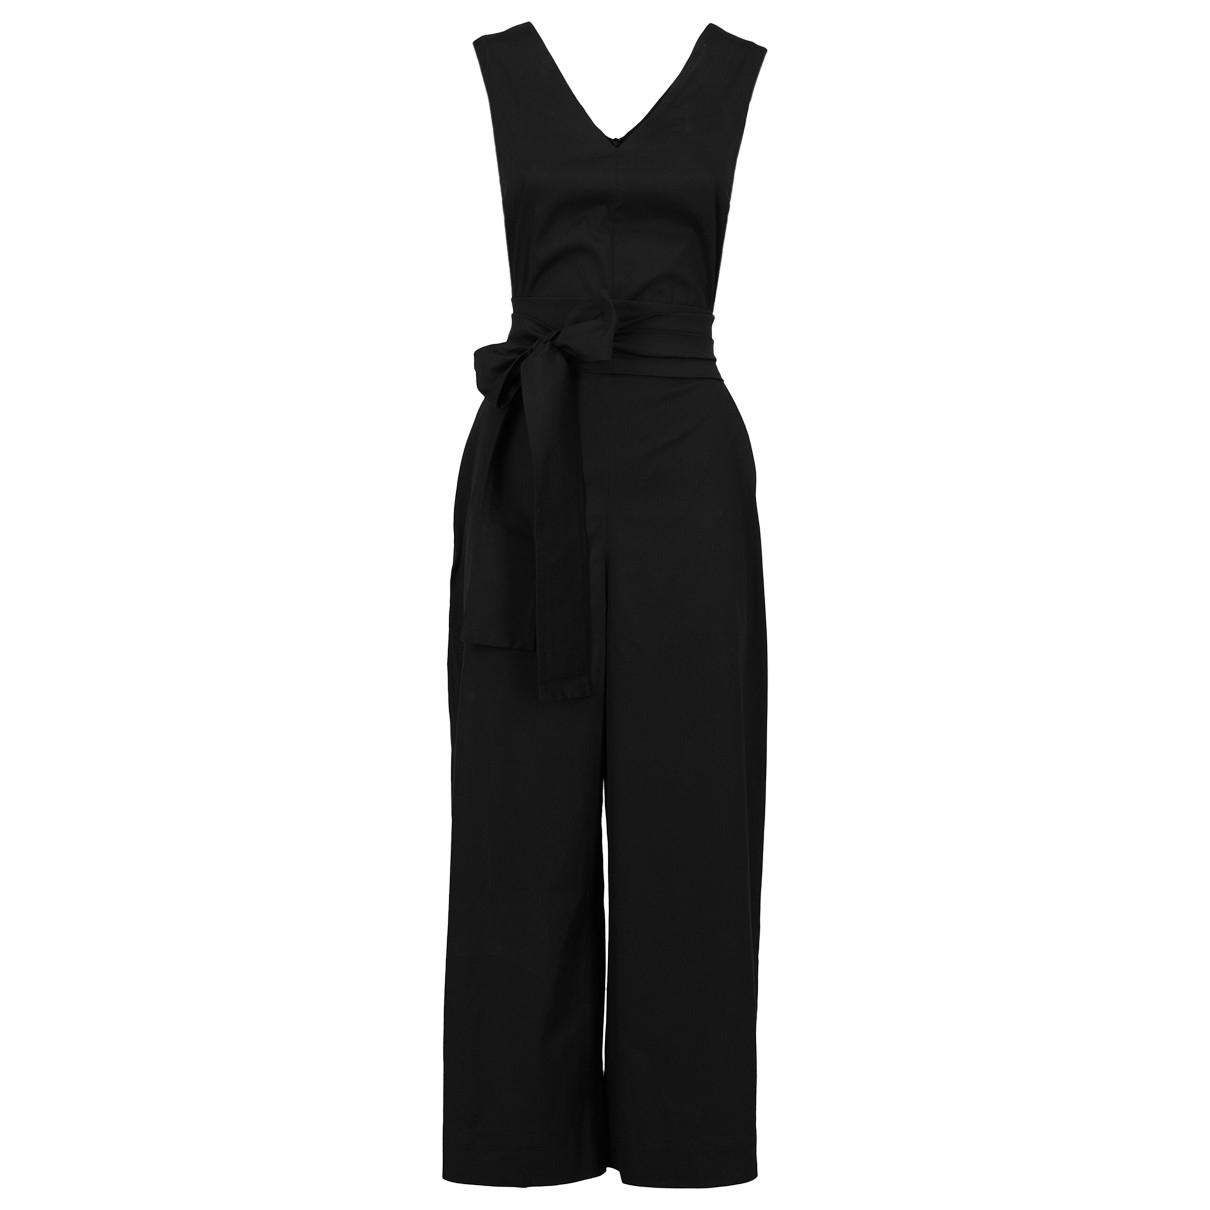 Max Mara s - Combinaison   pour femme en coton - noir